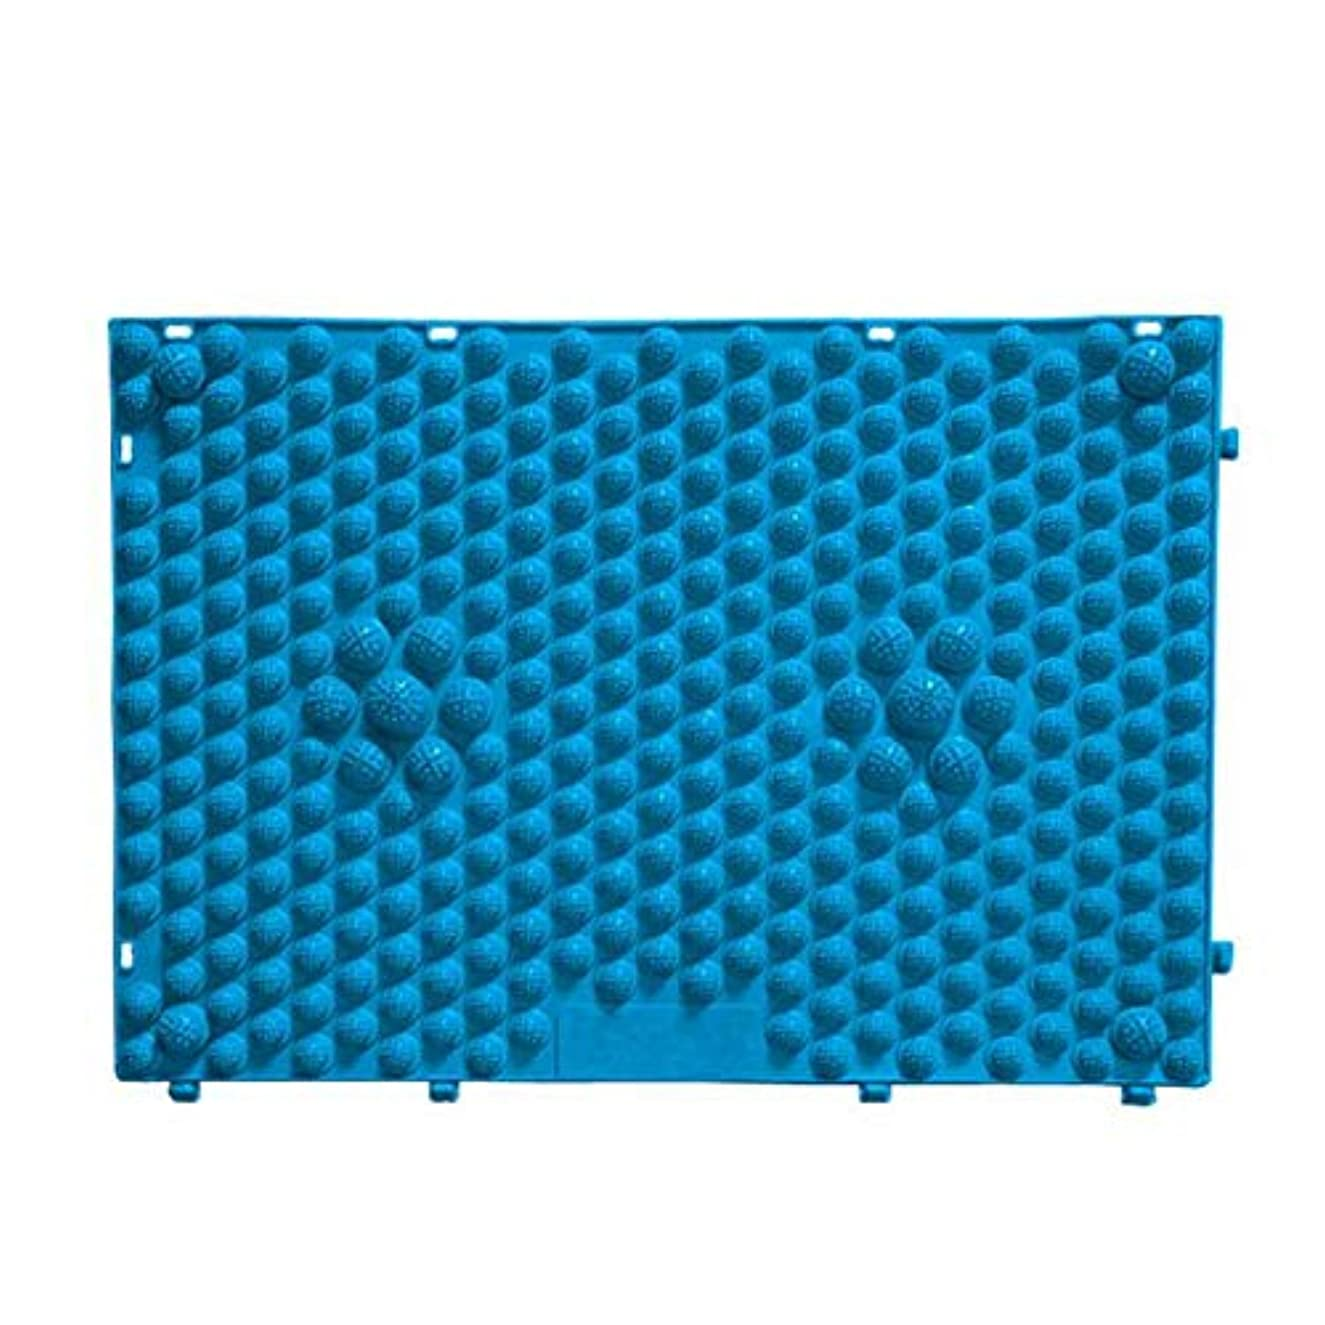 衣服用量なぞらえるFOREVER YOUNG マッサージシート フットマッサージマット フットマッサージ ウォーキングマット 足踏みマッサージ 足つぼ マット 足裏マット 組合せ 60*40cm (ブルー)